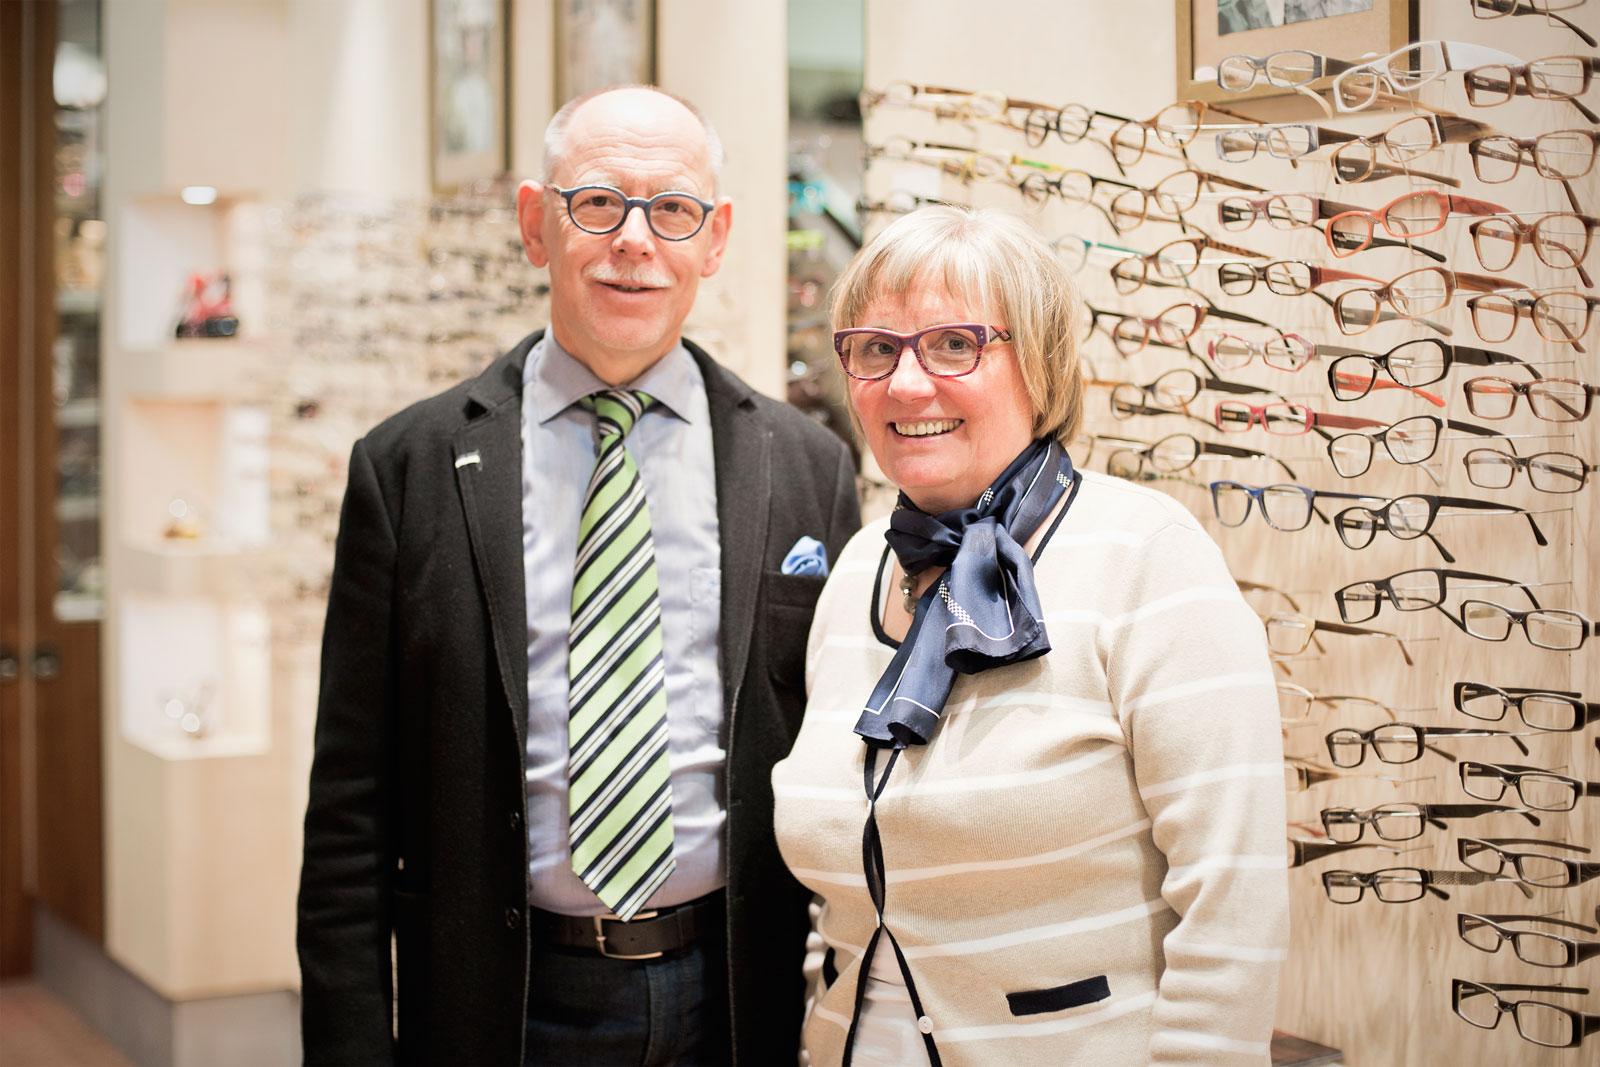 Brillen, die passen! - Bei Minke-Optics wird die alte Handwerkskunst des Brillenmachens noch gelebt